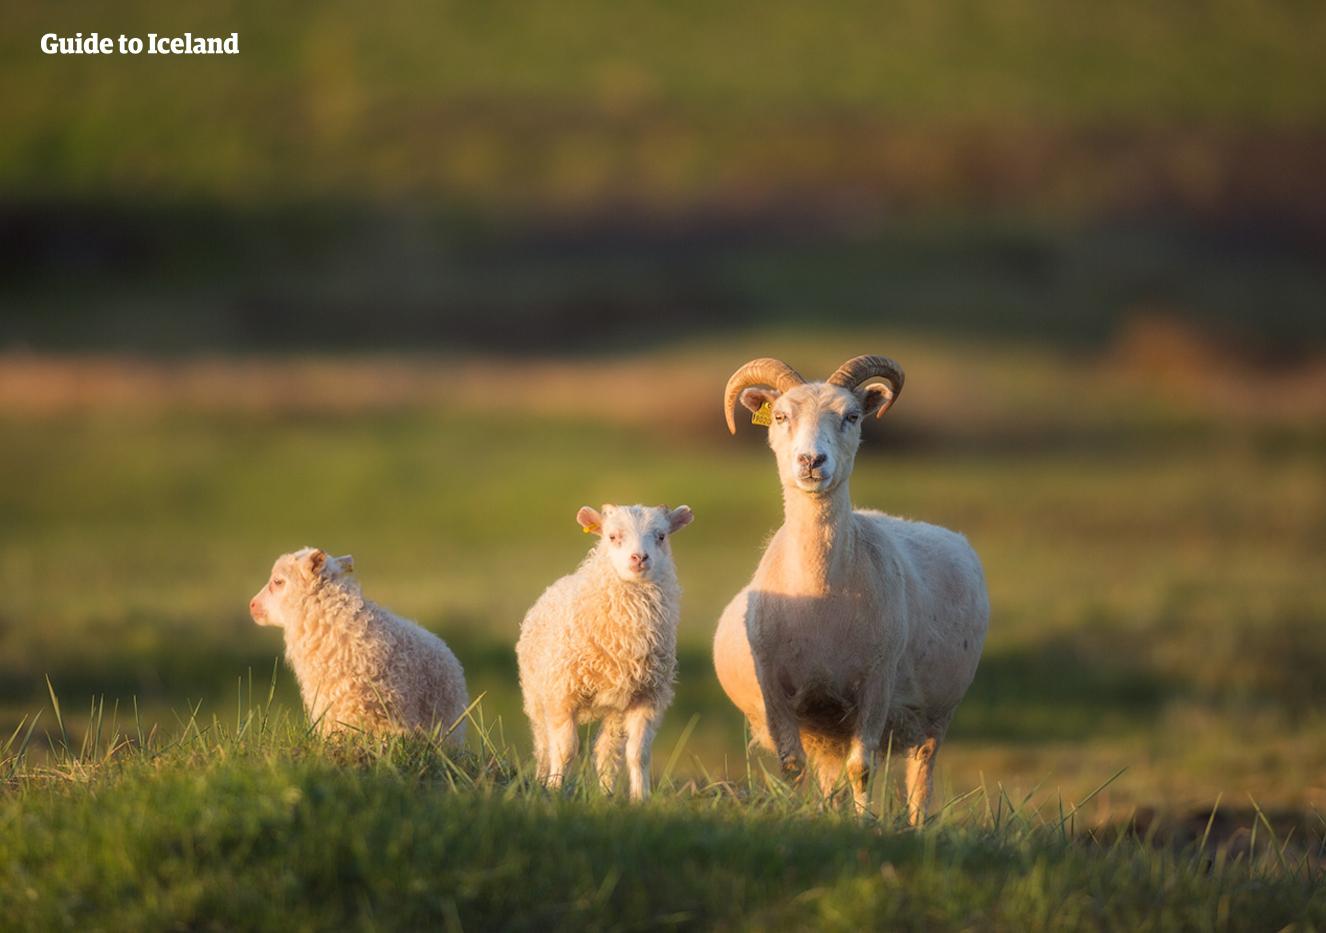 夏季在冰岛自驾时常能遇到羊群